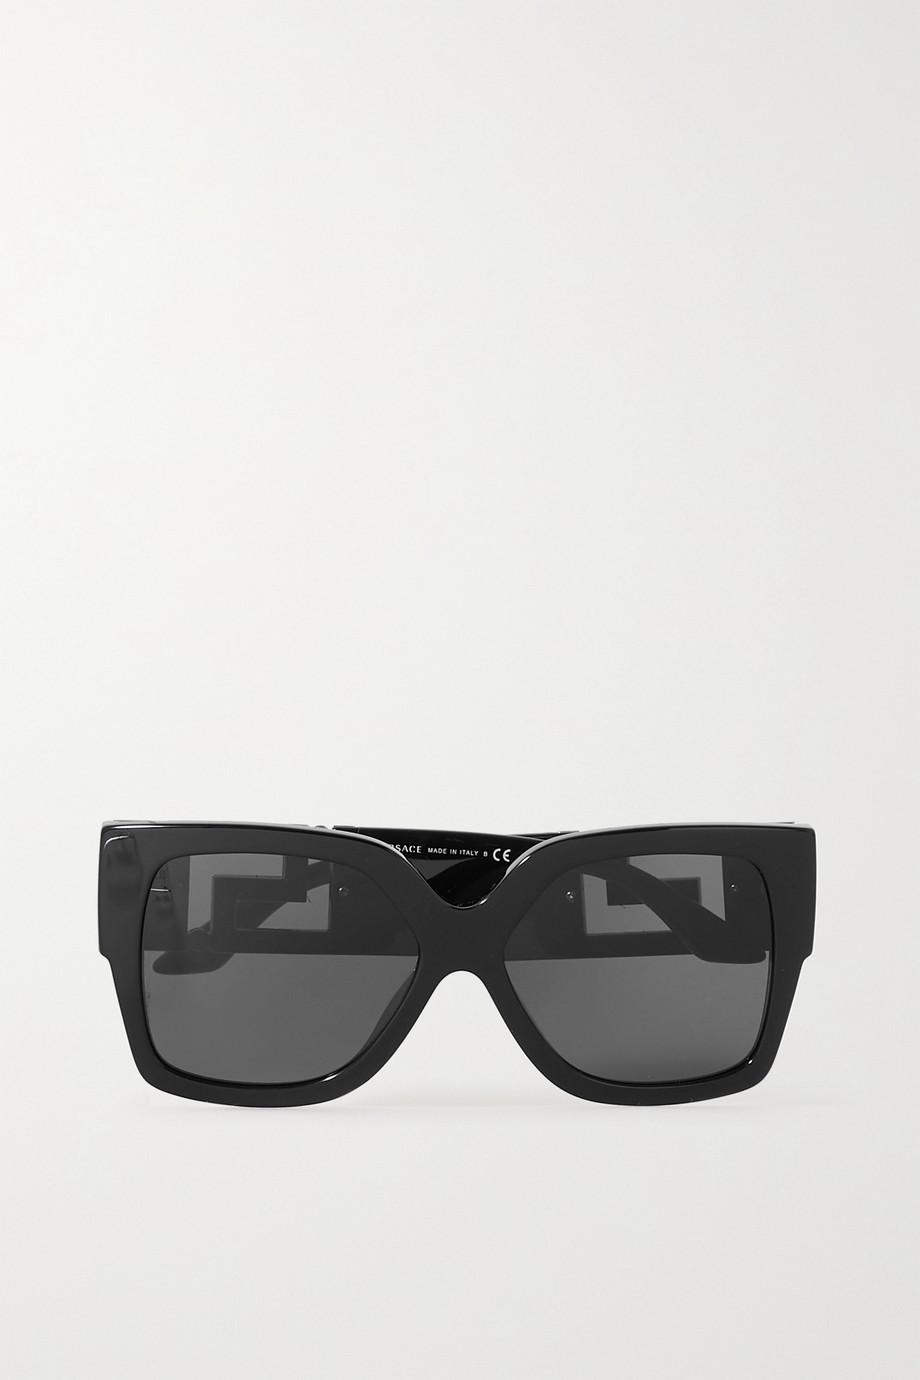 Versace Sonnenbrille mit eckigem Rahmen aus Azetat mit goldfarbenen Details